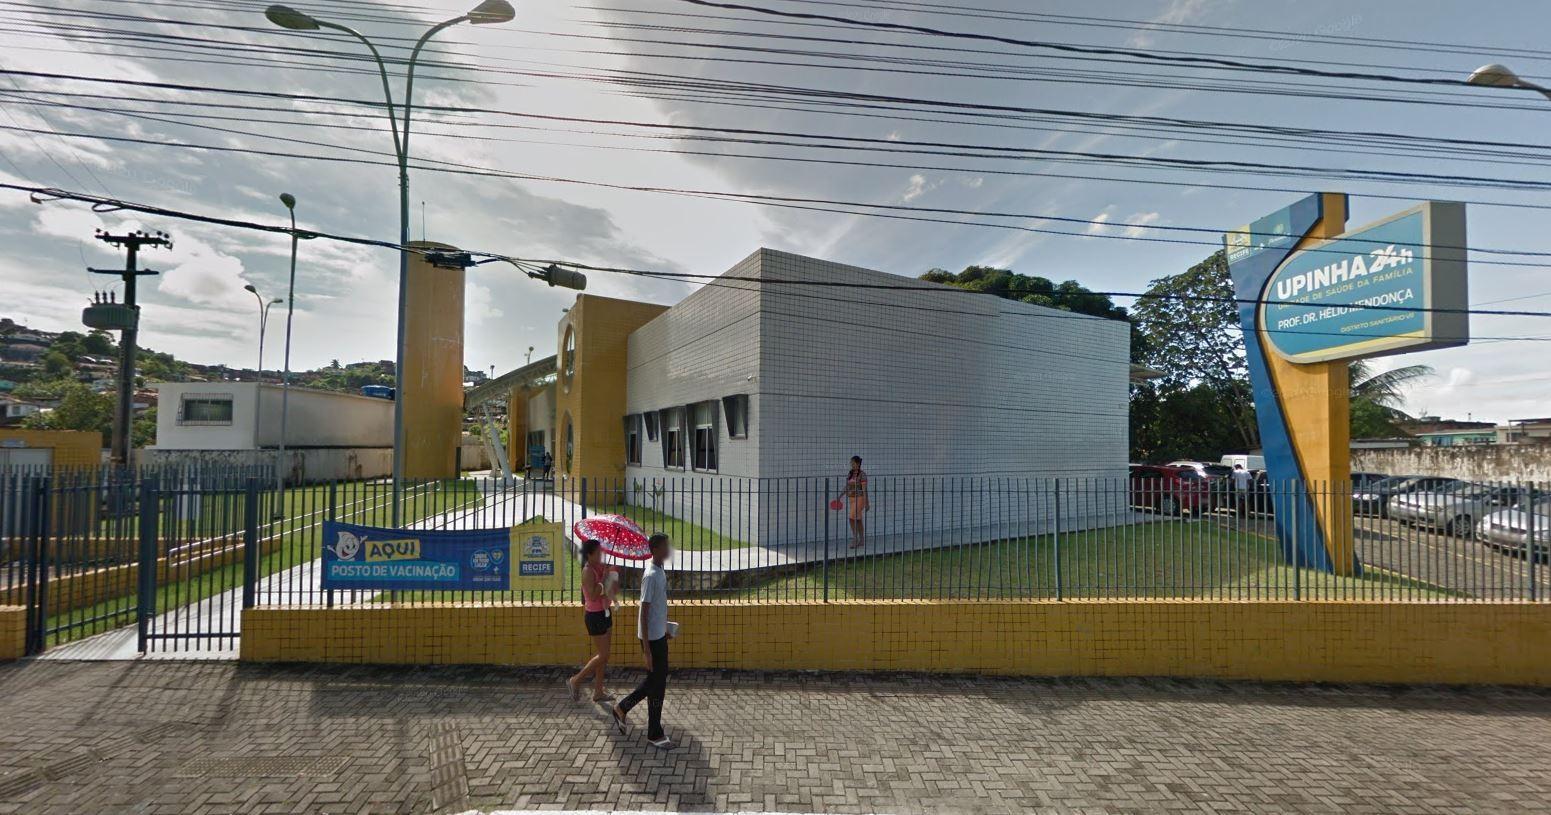 Unidades de saúde que só atendiam doentes com Covid-19 retomam funcionamento normal no Recife